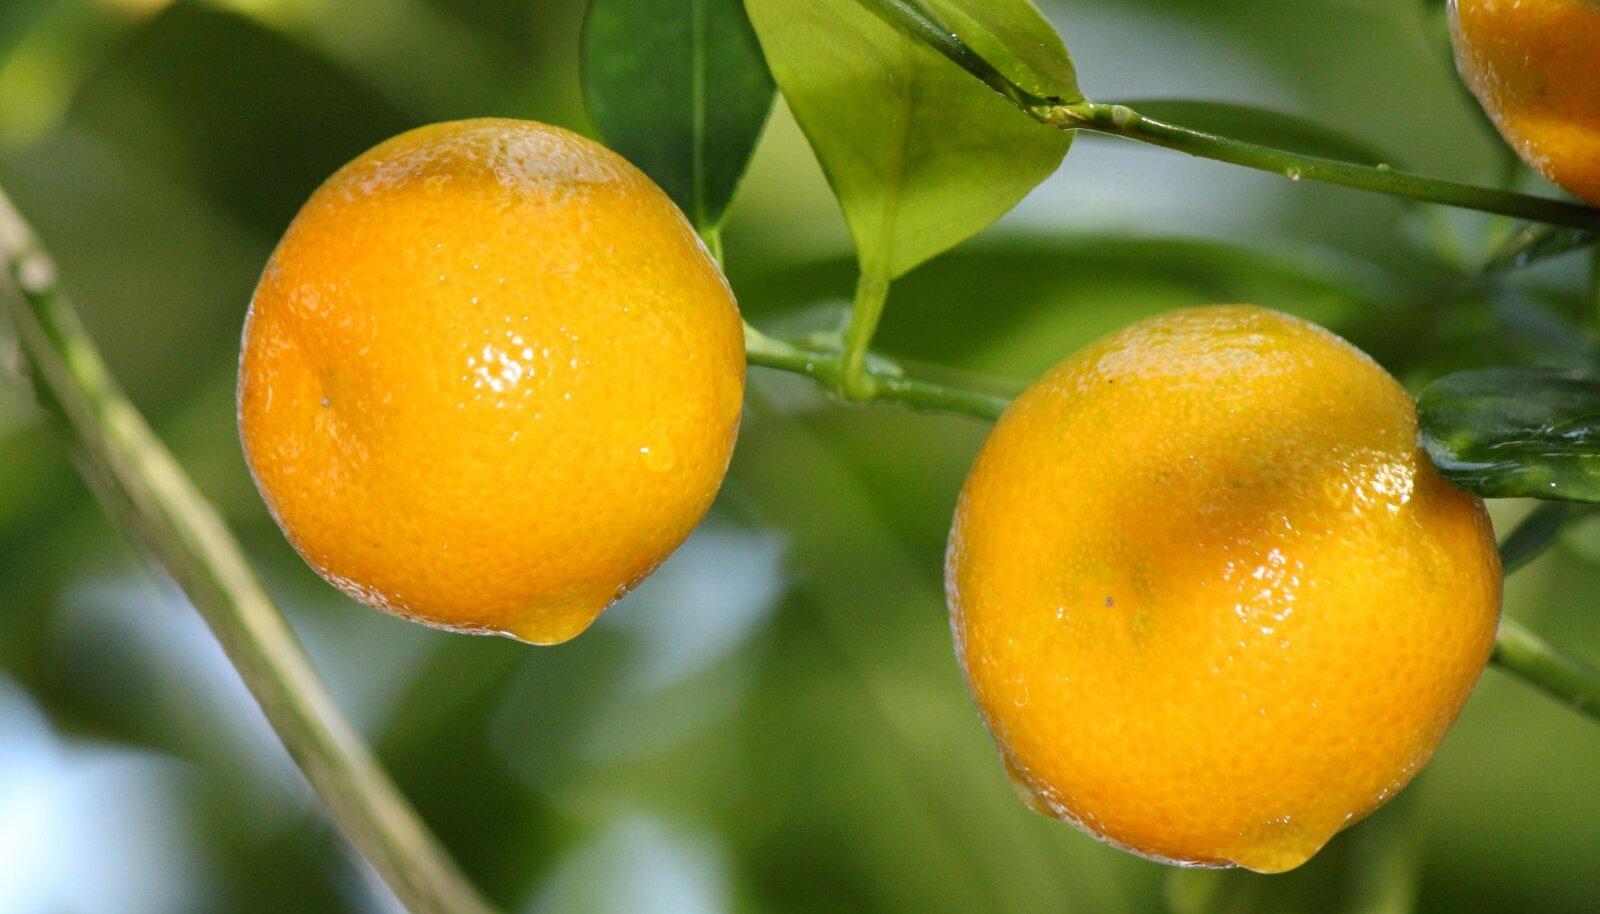 sidruni rasvapoletusomadused kaalulangus jumalaga